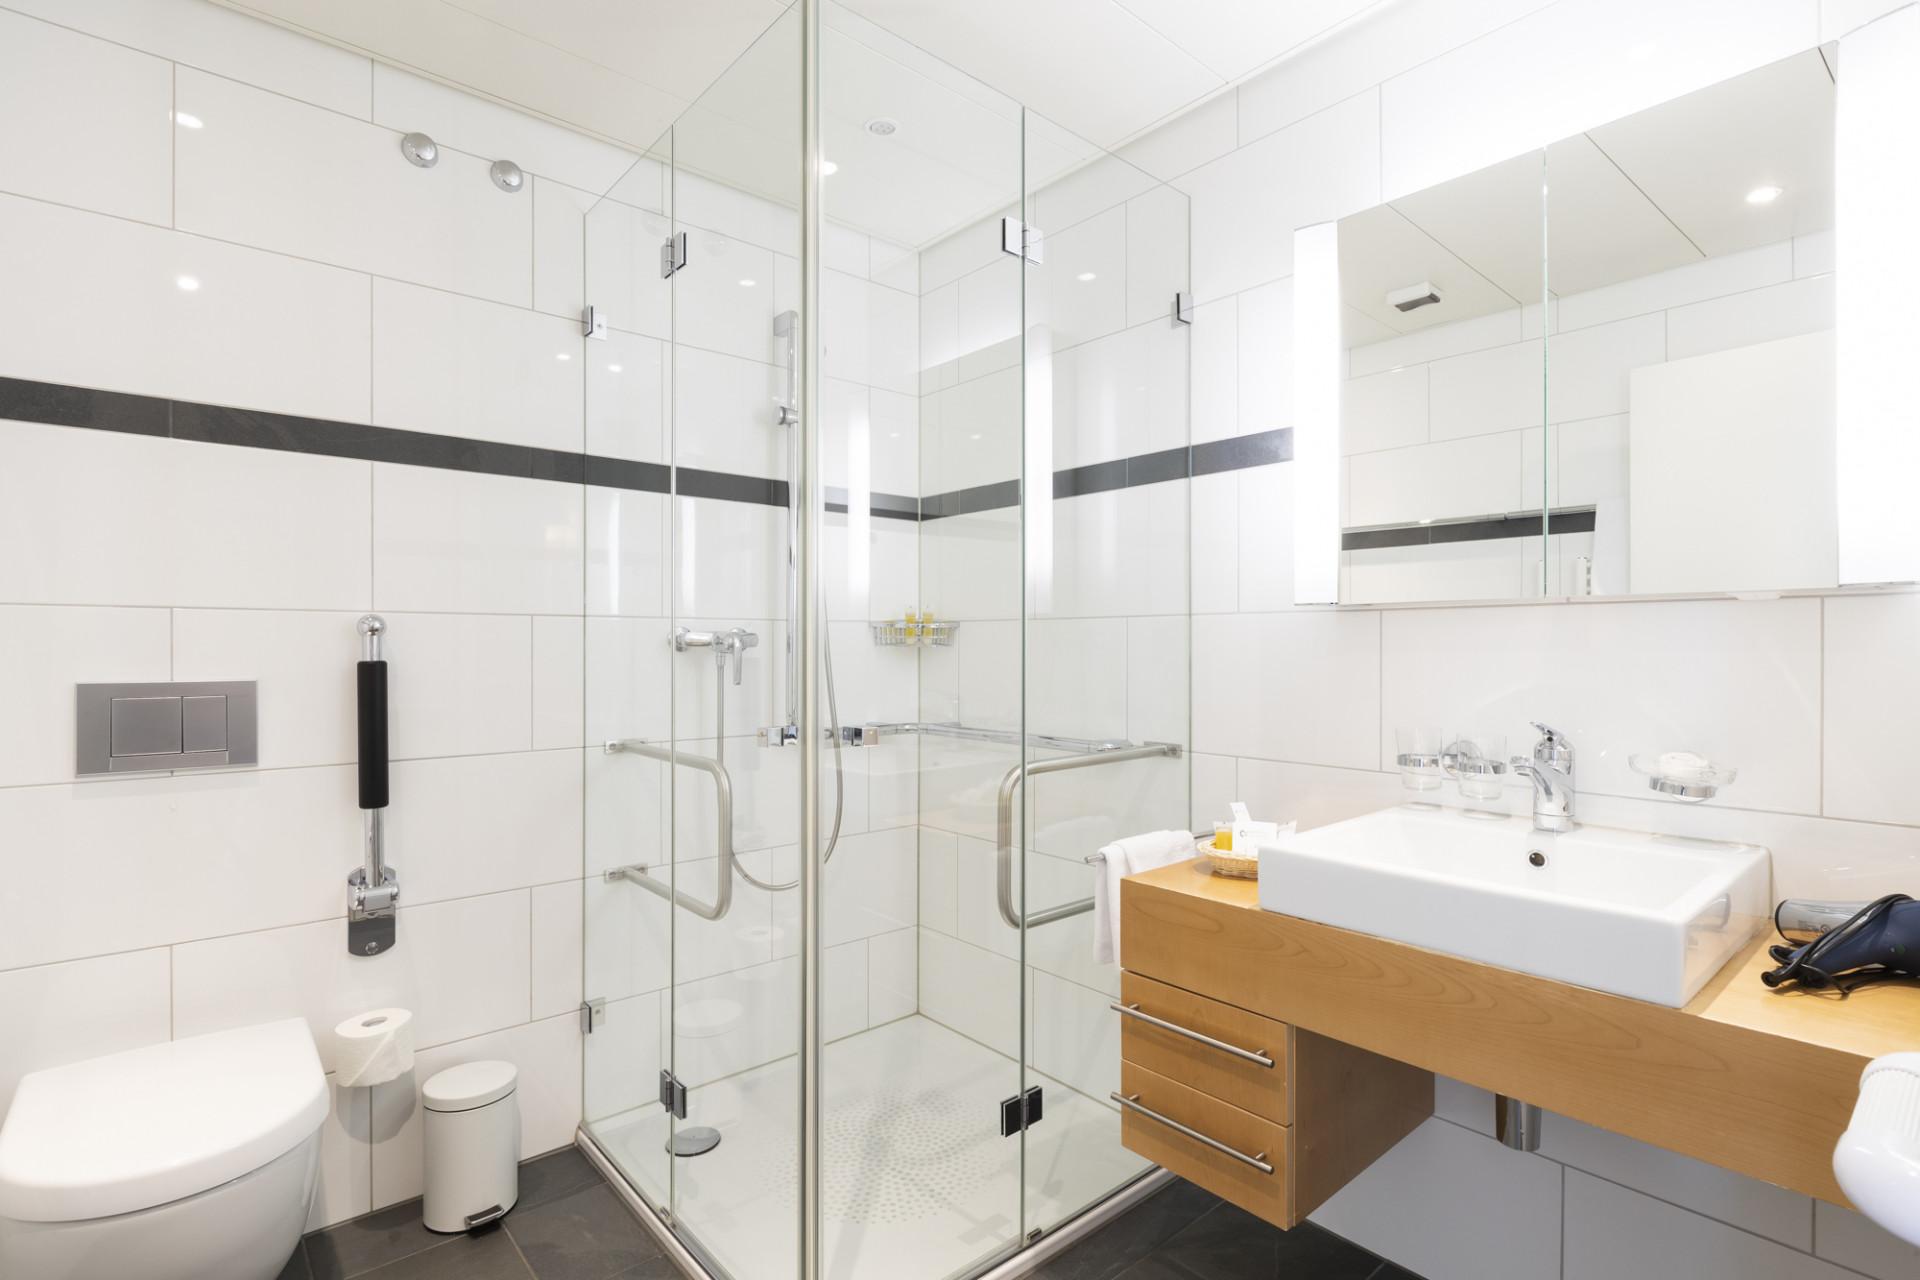 Badezimmer einer Junior-Suite im Park-Hotel am Rhein